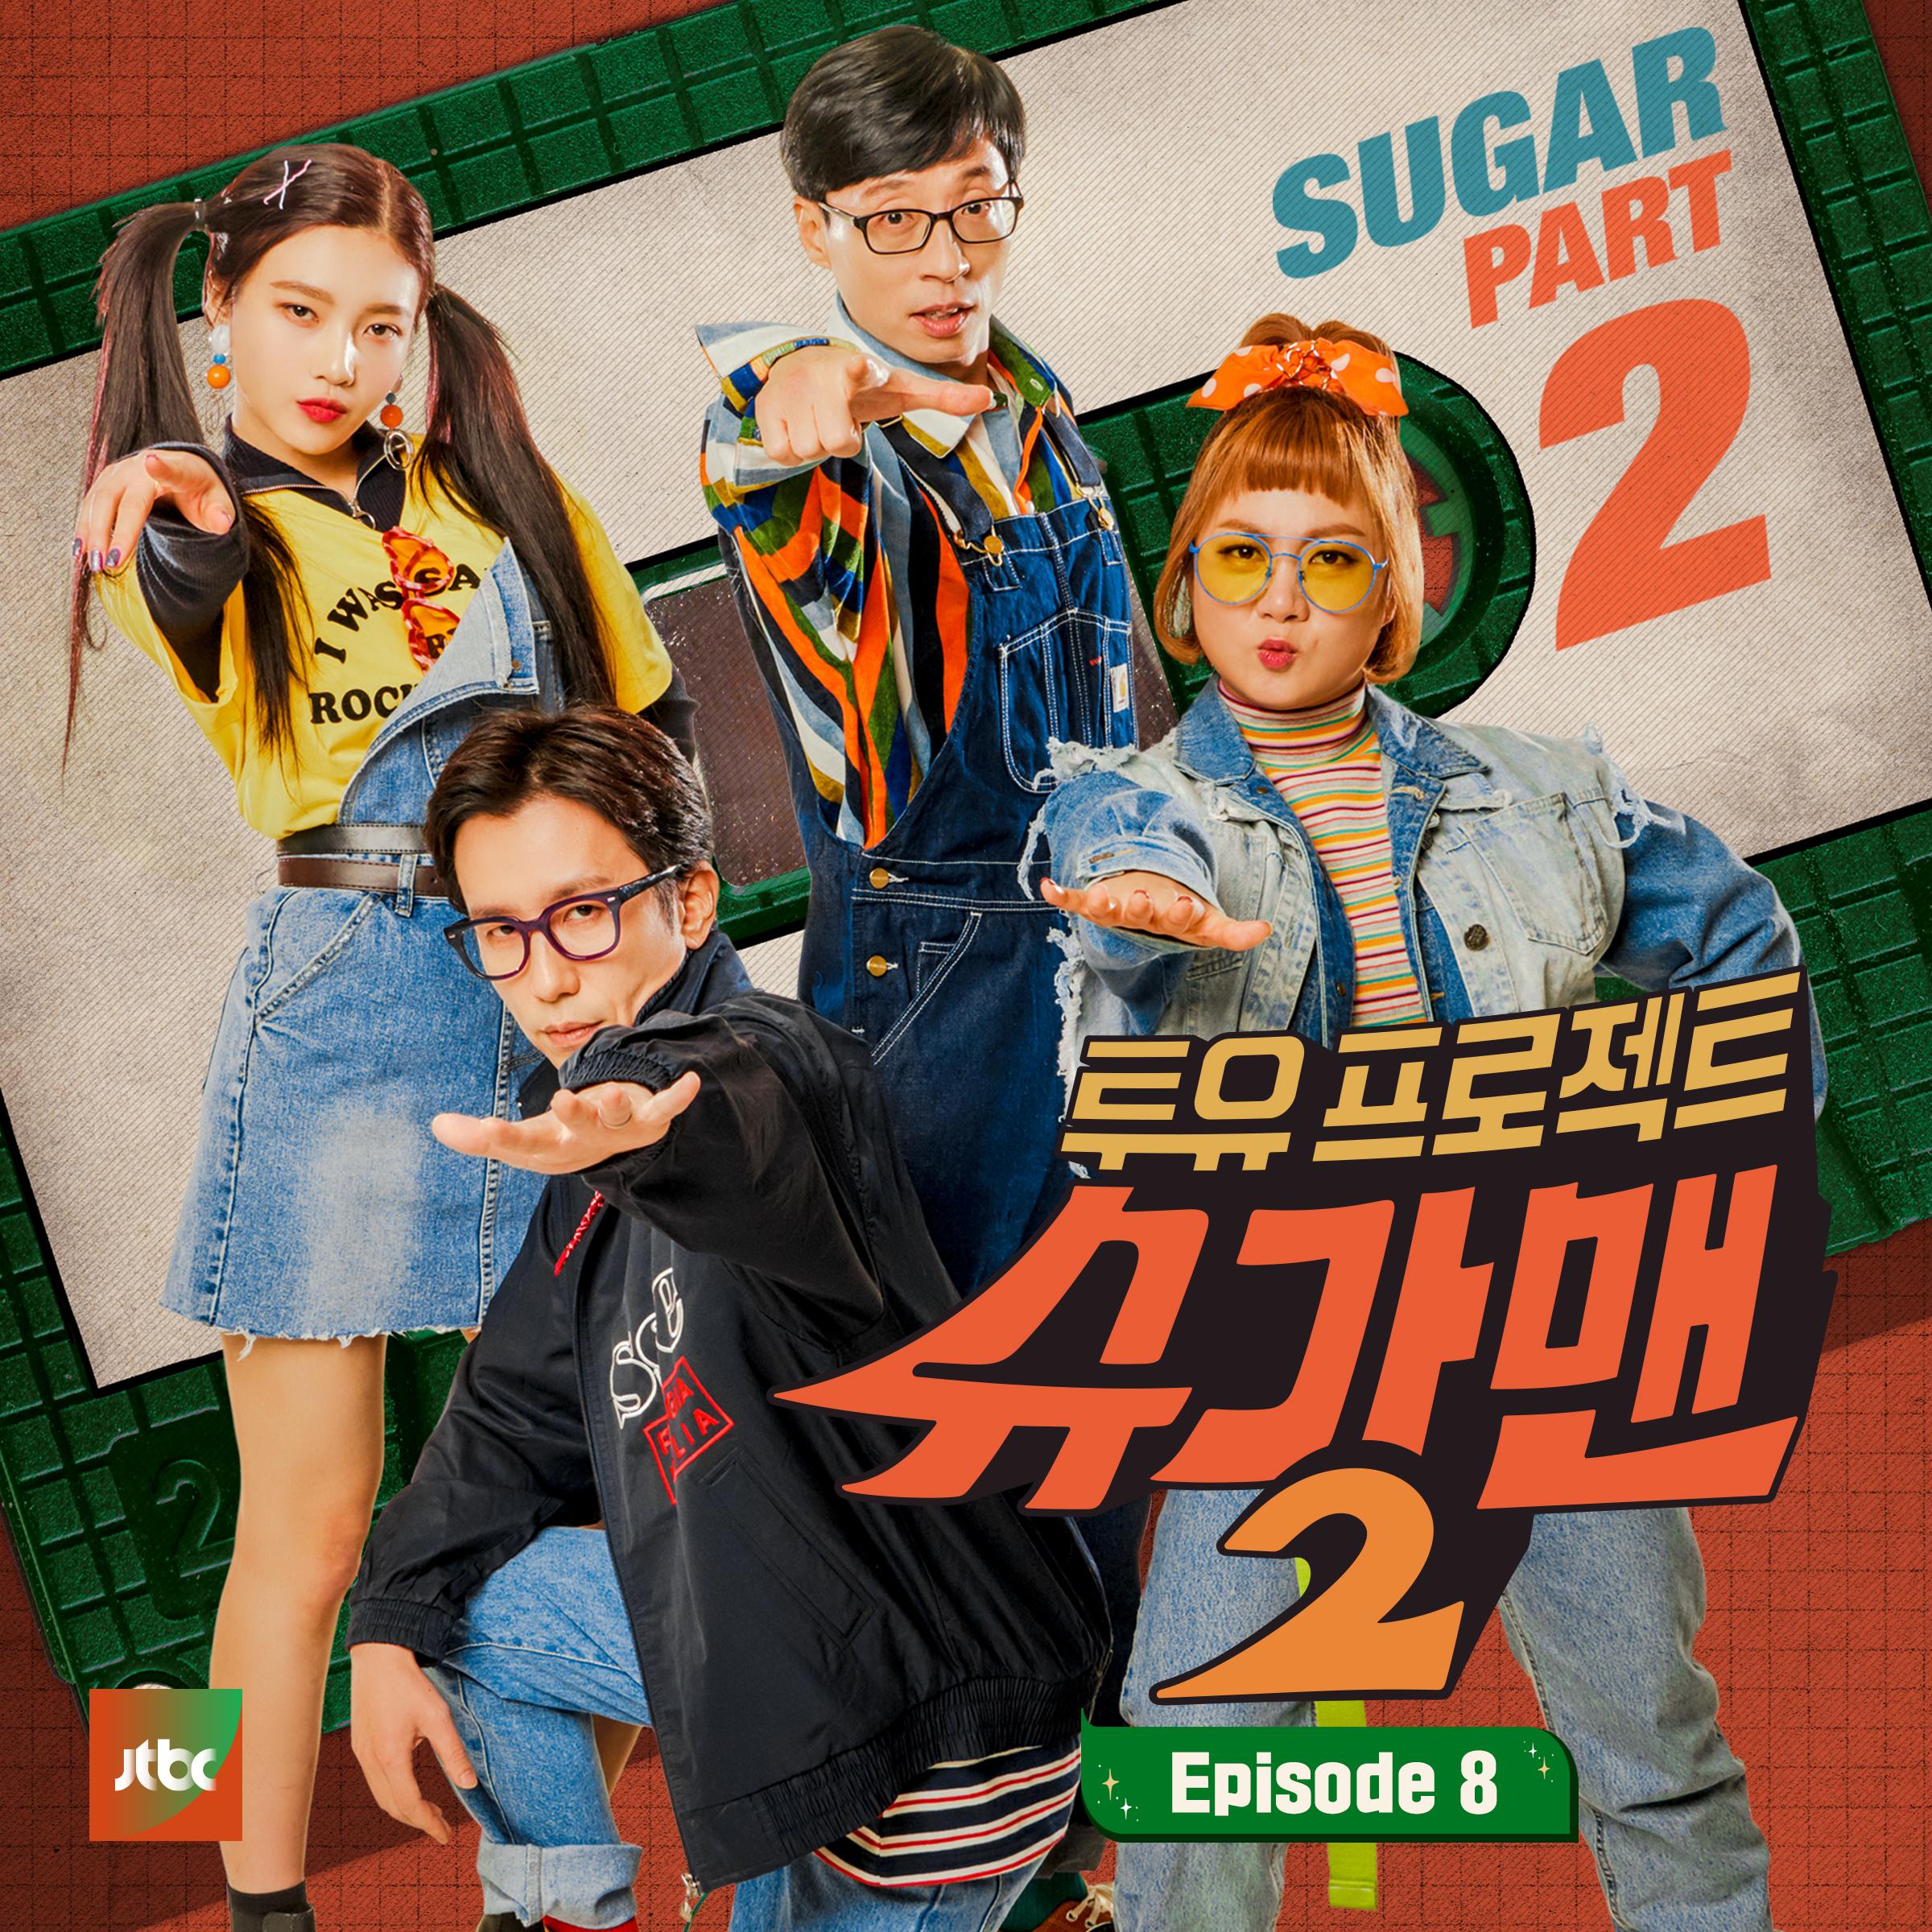 [影音] 2You Project - Sugar Man2 Part.8